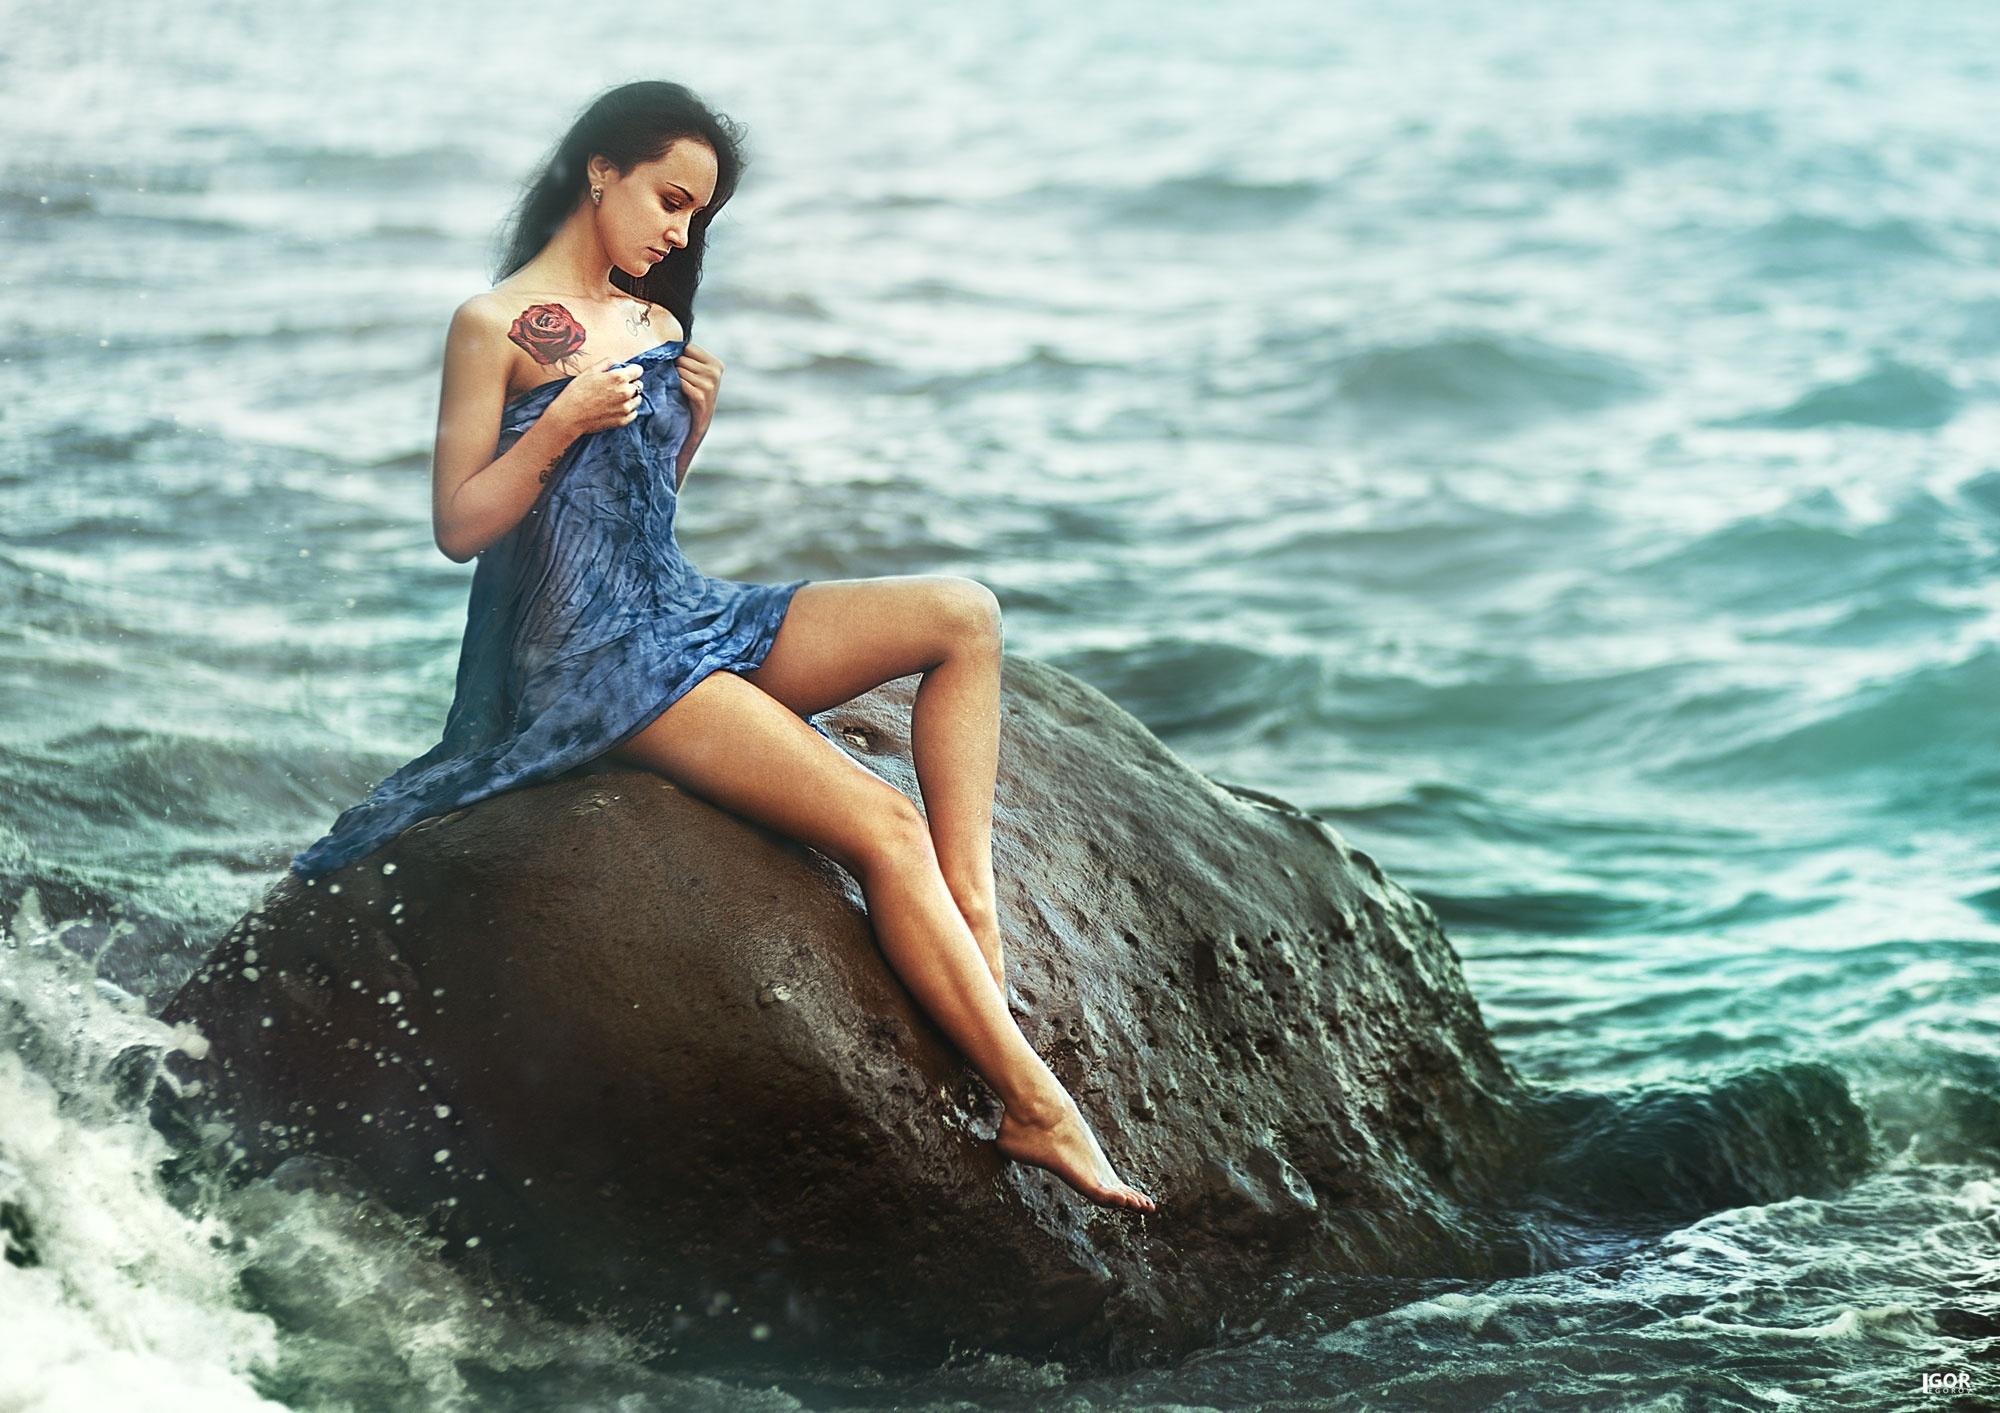 Фото красивых девушекбрюнеток отдыхающих на берегу моря 480, Голая брюнетка на берегу моря. Фото эротика 18 фотография